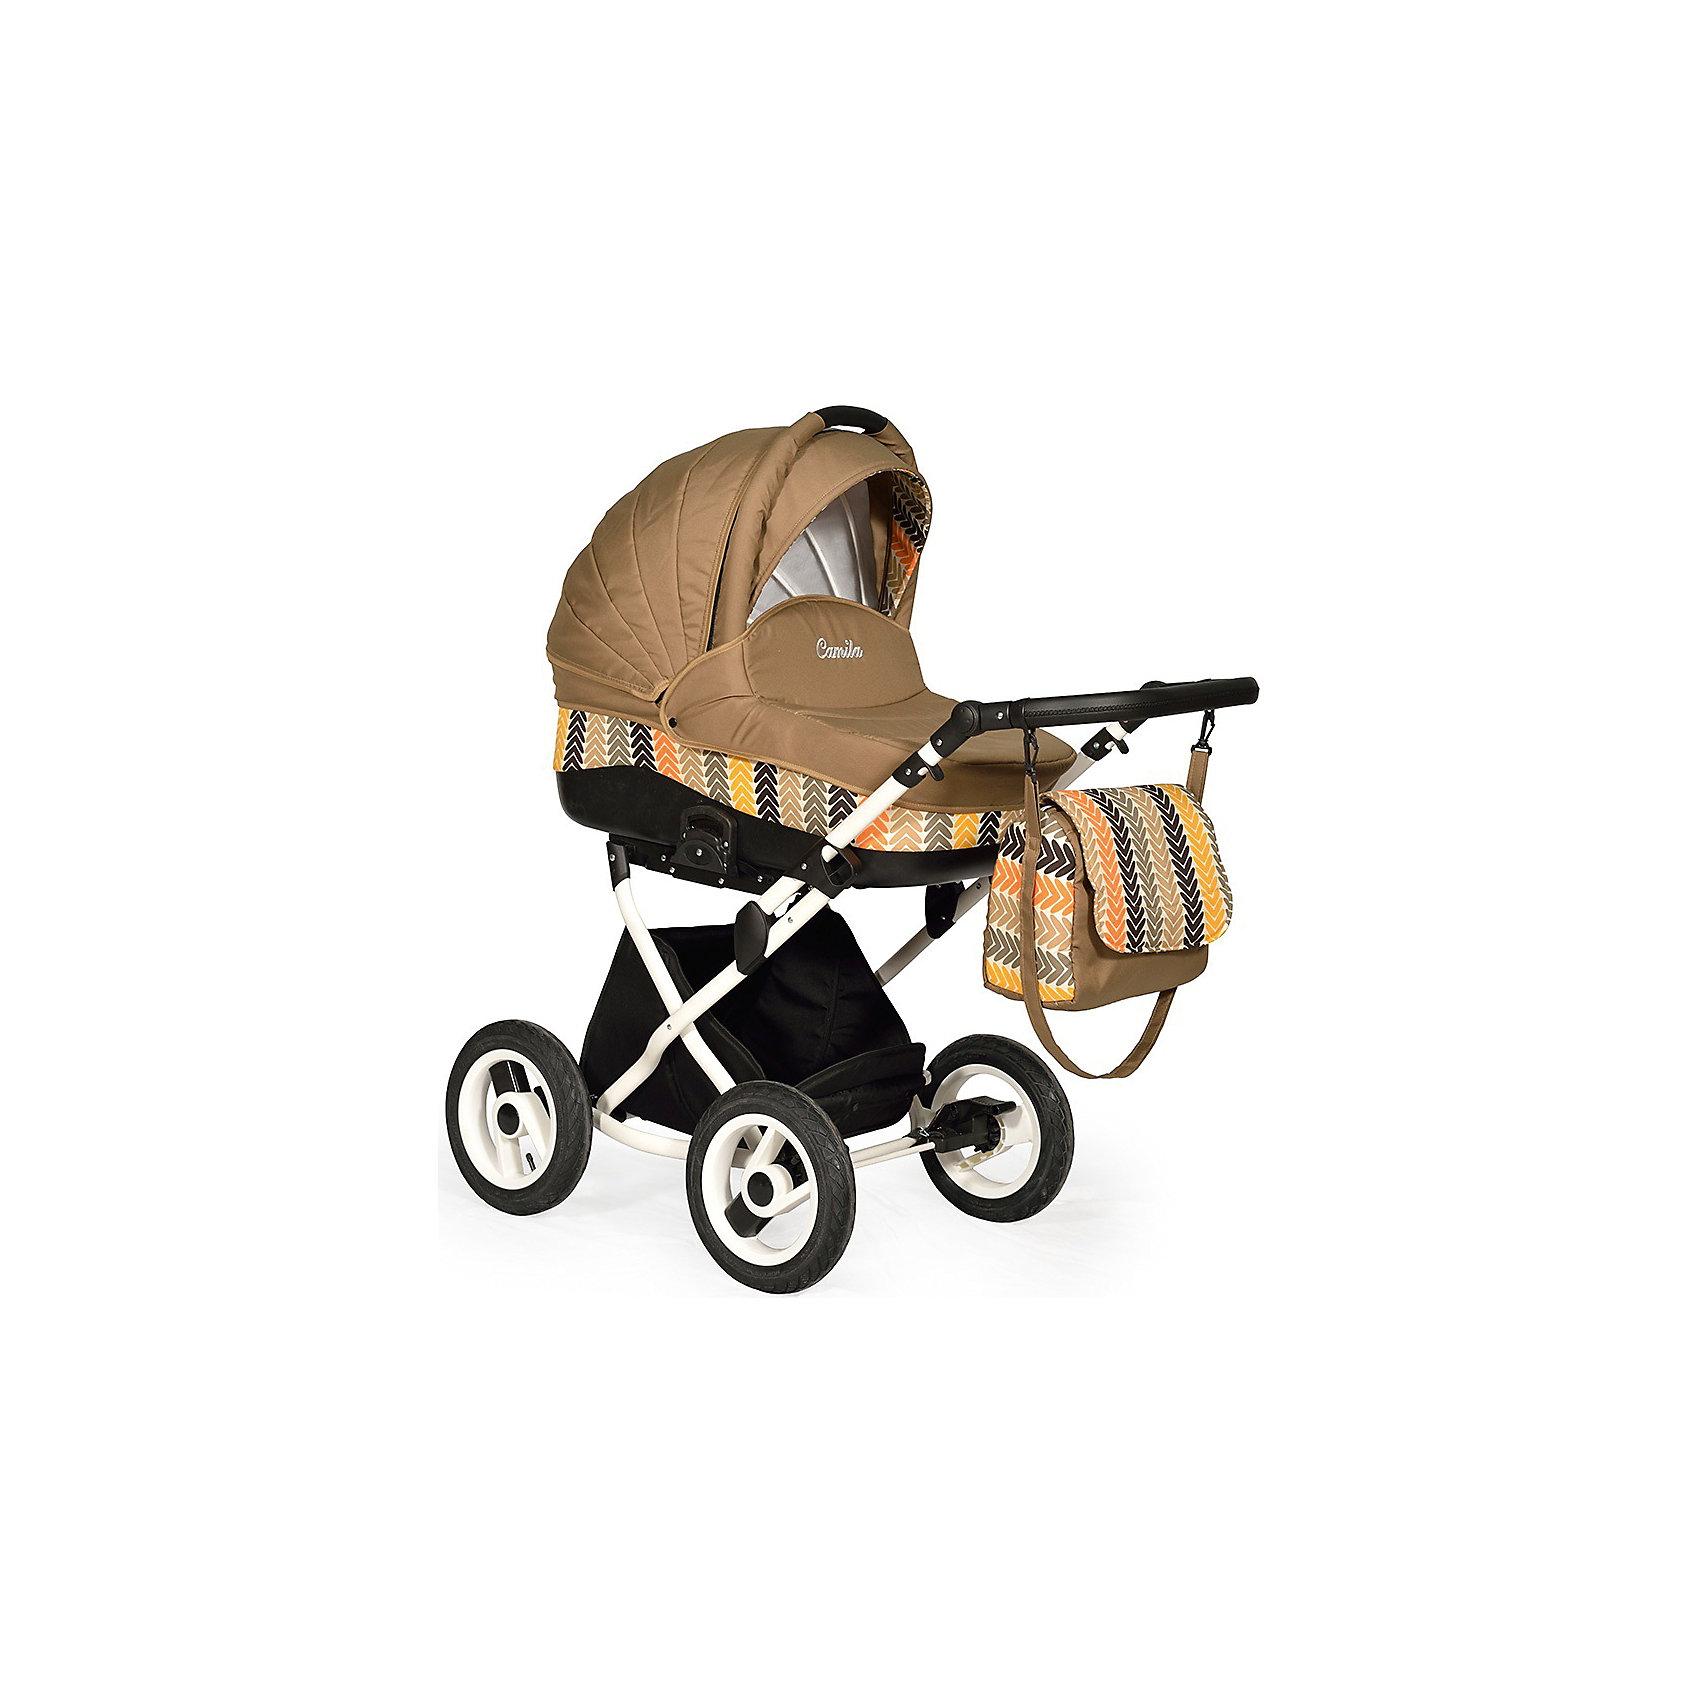 Коляска 2 в 1 Camila Classic 12, Indigo, бежевыйКоляски 2 в 1<br>Коляска 2 в 1 Camila Classic 12, Indigo, бежевый (Индиго Камила Классик 12) – модель, сочетающая в себе все достоинства классических моделей, с современным дизайном и практичностью.  Колеса у коляски 2 в 1 Индиго Камила Классик обеспечивают высокую проходимость при плавности движения люльки или съемного блока. Для удобства мамы предусмотрен вместительный короб для покупок, который закрывается на молнию. <br>Коляска 2 в 1 Camila Classic 12, Indigo, бежевый оснащена 5-ти точечными ремнями безопасности. Дизайн коляски отвечает современным требованиям: одноцветные модели модных оттенков или модели, сочетающие в себе разные цвета ? выгодно отличаются от других колясок.  <br>Коляска 2 в 1 Camila Classic 12, Indigo, бежевый – классические традиции и современный дизайн для вашего малыша.<br><br>Дополнительная информация:<br><br>- Механизм складывания: книжка<br>- Цвет: бежевый<br>- Сезон: зима-лето<br>- Комплектация: сумка для мамы, москитная сетка, дождевик<br>- Ширина шасси: 61 см<br>- Диаметр колес: 30 см<br>- Ручка: регулируемая, 4 положения<br>- Размер люльки (ДxШ): 90х41<br>- Размер (ДxВхШ): 93х58х60 см<br>- Материал: внешняя отделка ? качественный прочный текстиль, внутренняя ? хлопок 100%<br>- Вес 21,0 кг<br><br>Подробнее:<br><br>- Для детей в возрасте: от 0 месяцев до 3 лет<br><br>Страна производитель: Польша<br><br>Коляску 2 в 1 Camila Classic 12, Indigo, бежевый можно купить в нашем интернет-магазине.<br><br>Ширина мм: 900<br>Глубина мм: 600<br>Высота мм: 580<br>Вес г: 21000<br>Возраст от месяцев: 0<br>Возраст до месяцев: 36<br>Пол: Унисекс<br>Возраст: Детский<br>SKU: 4855056